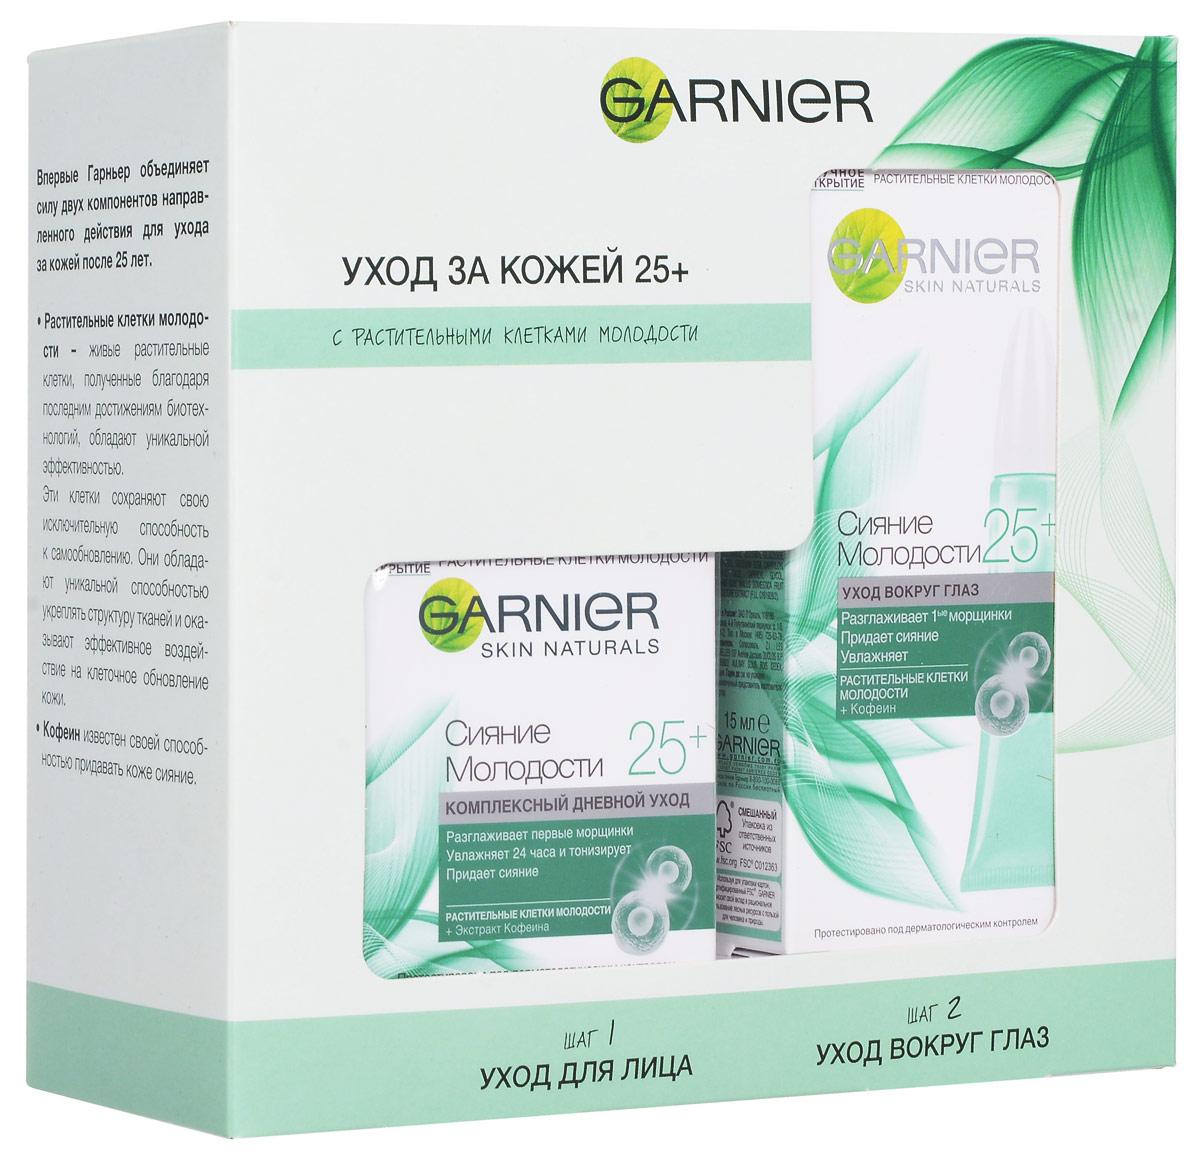 Набор Garnier Антивозрастной уход, Сияние молодости 25+ Крем для лица дневной, 50 мл + Крем для кожи вокруг глаз,15 мл, -50% на второй продукт